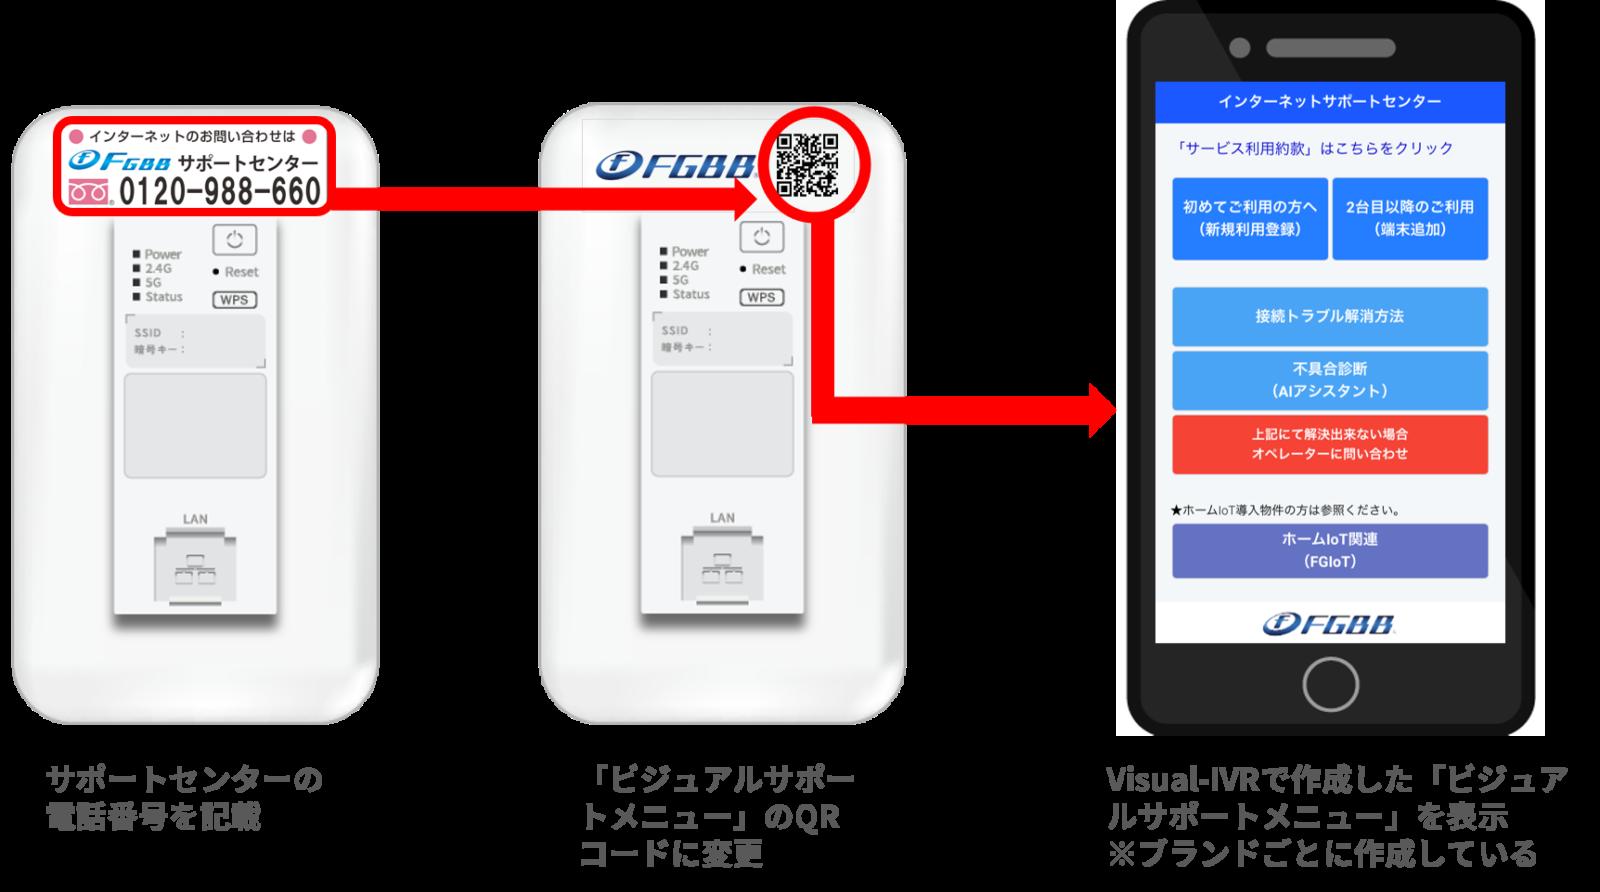 無線機のカバーに記載する情報の変化。従来はサポートセンターの電話番号を記載。QRコードに変更を始めている。ビジュアルサポートメニューの一例。